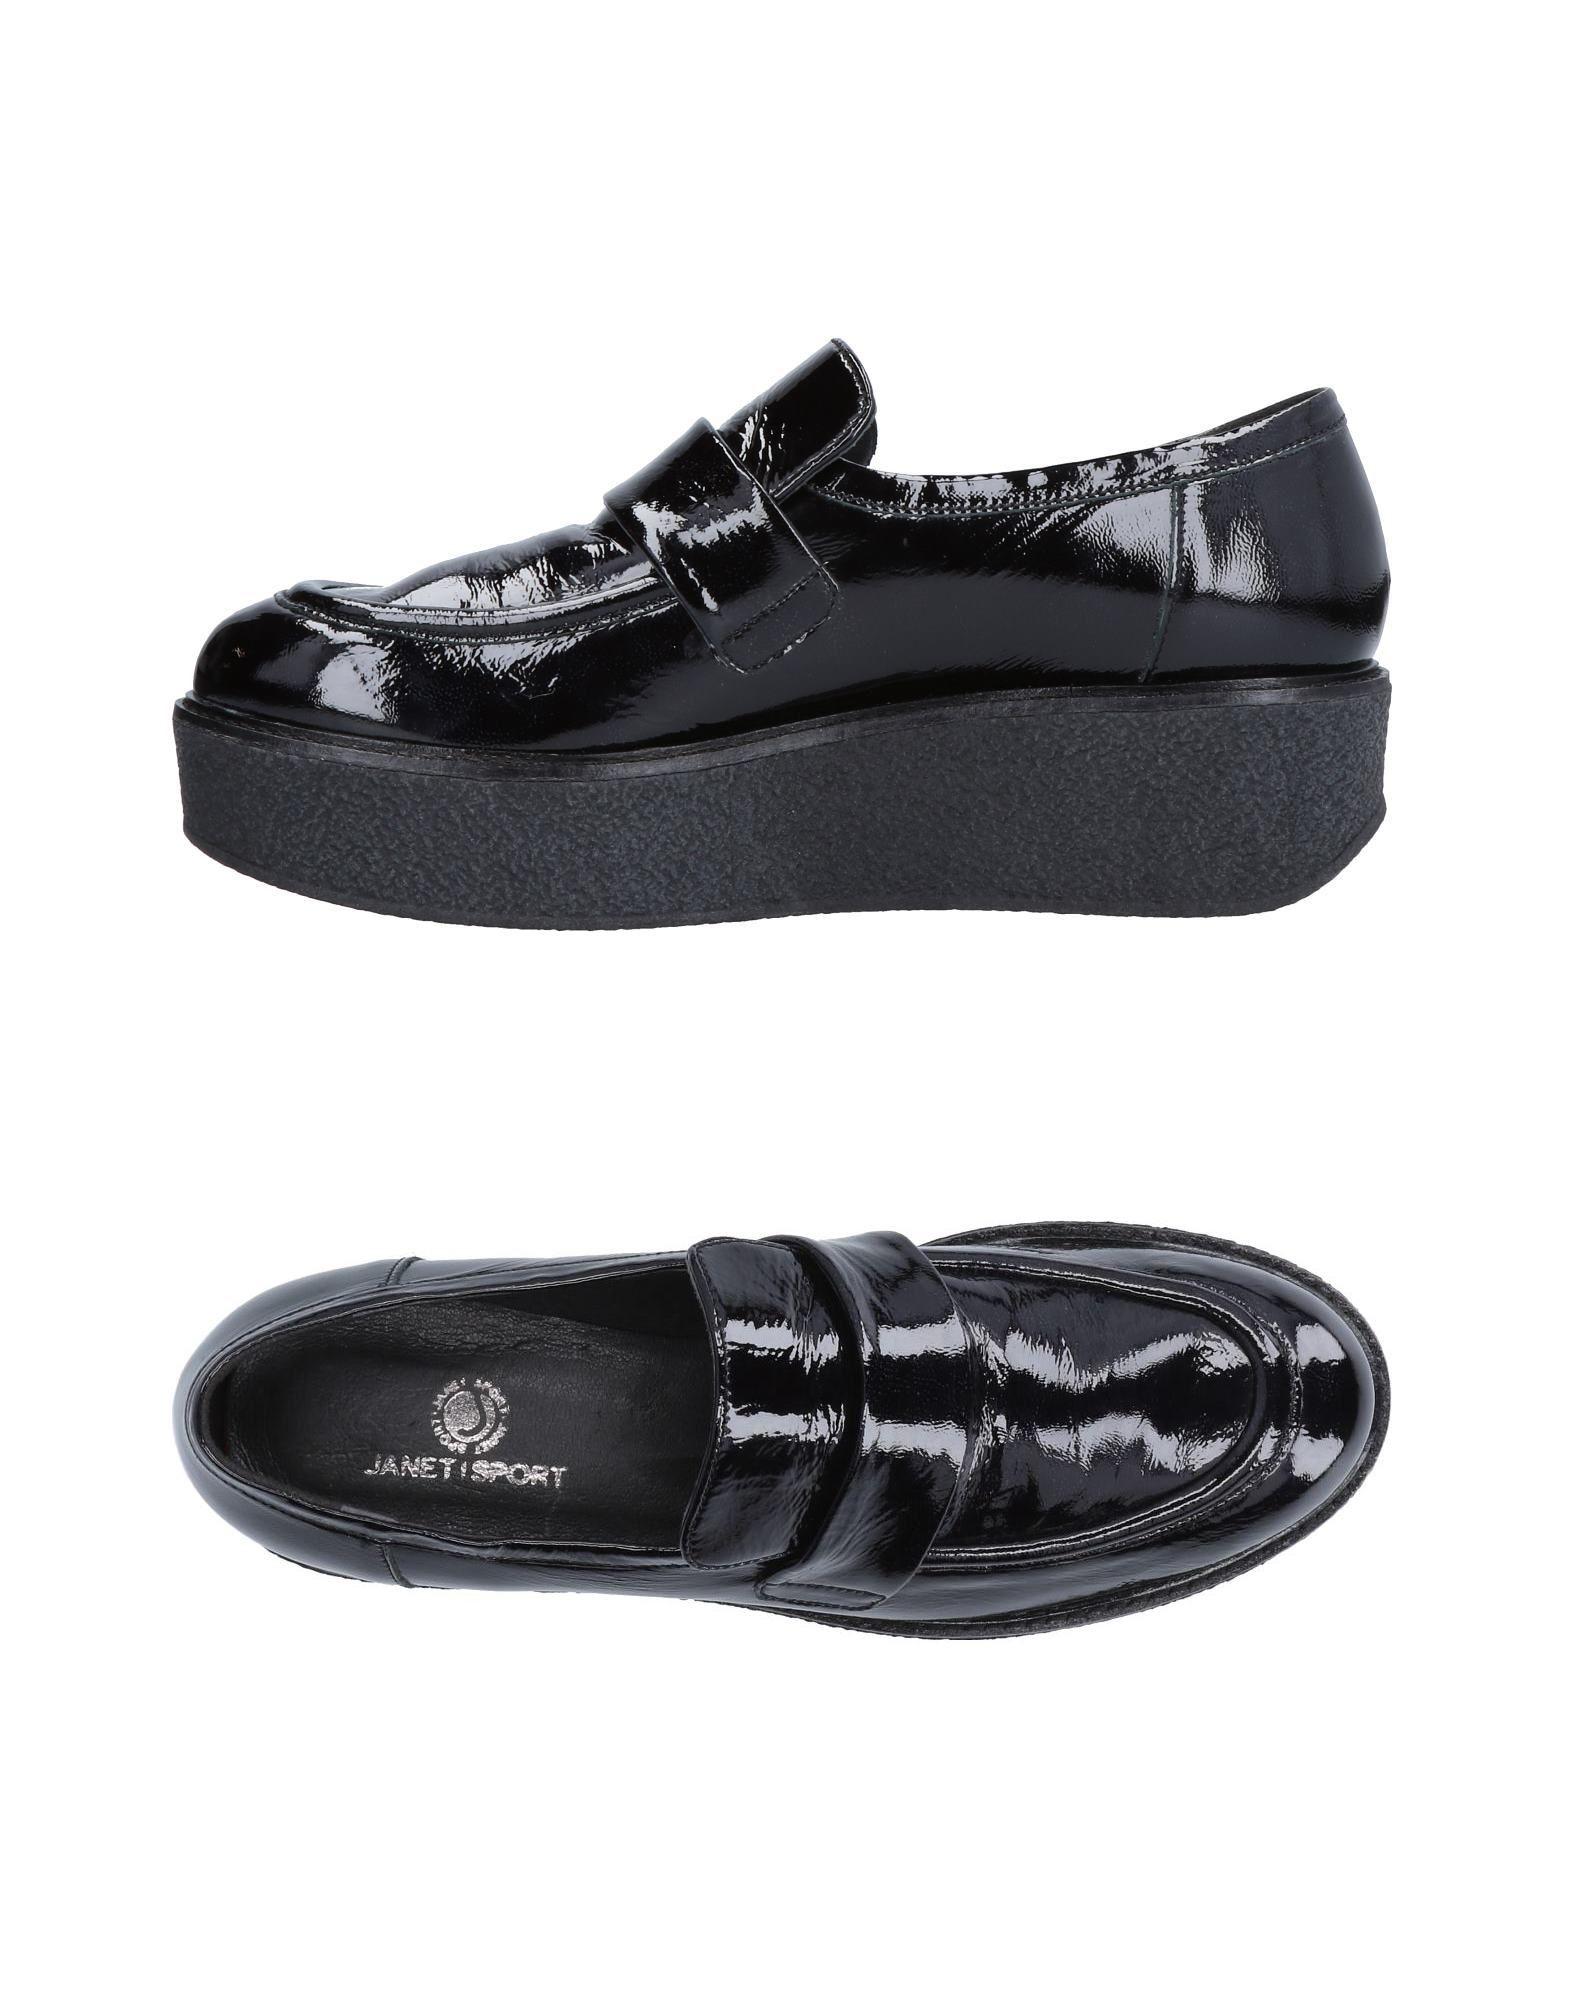 Janet Sport Mokassins Damen  11513657FG Gute Qualität beliebte Schuhe